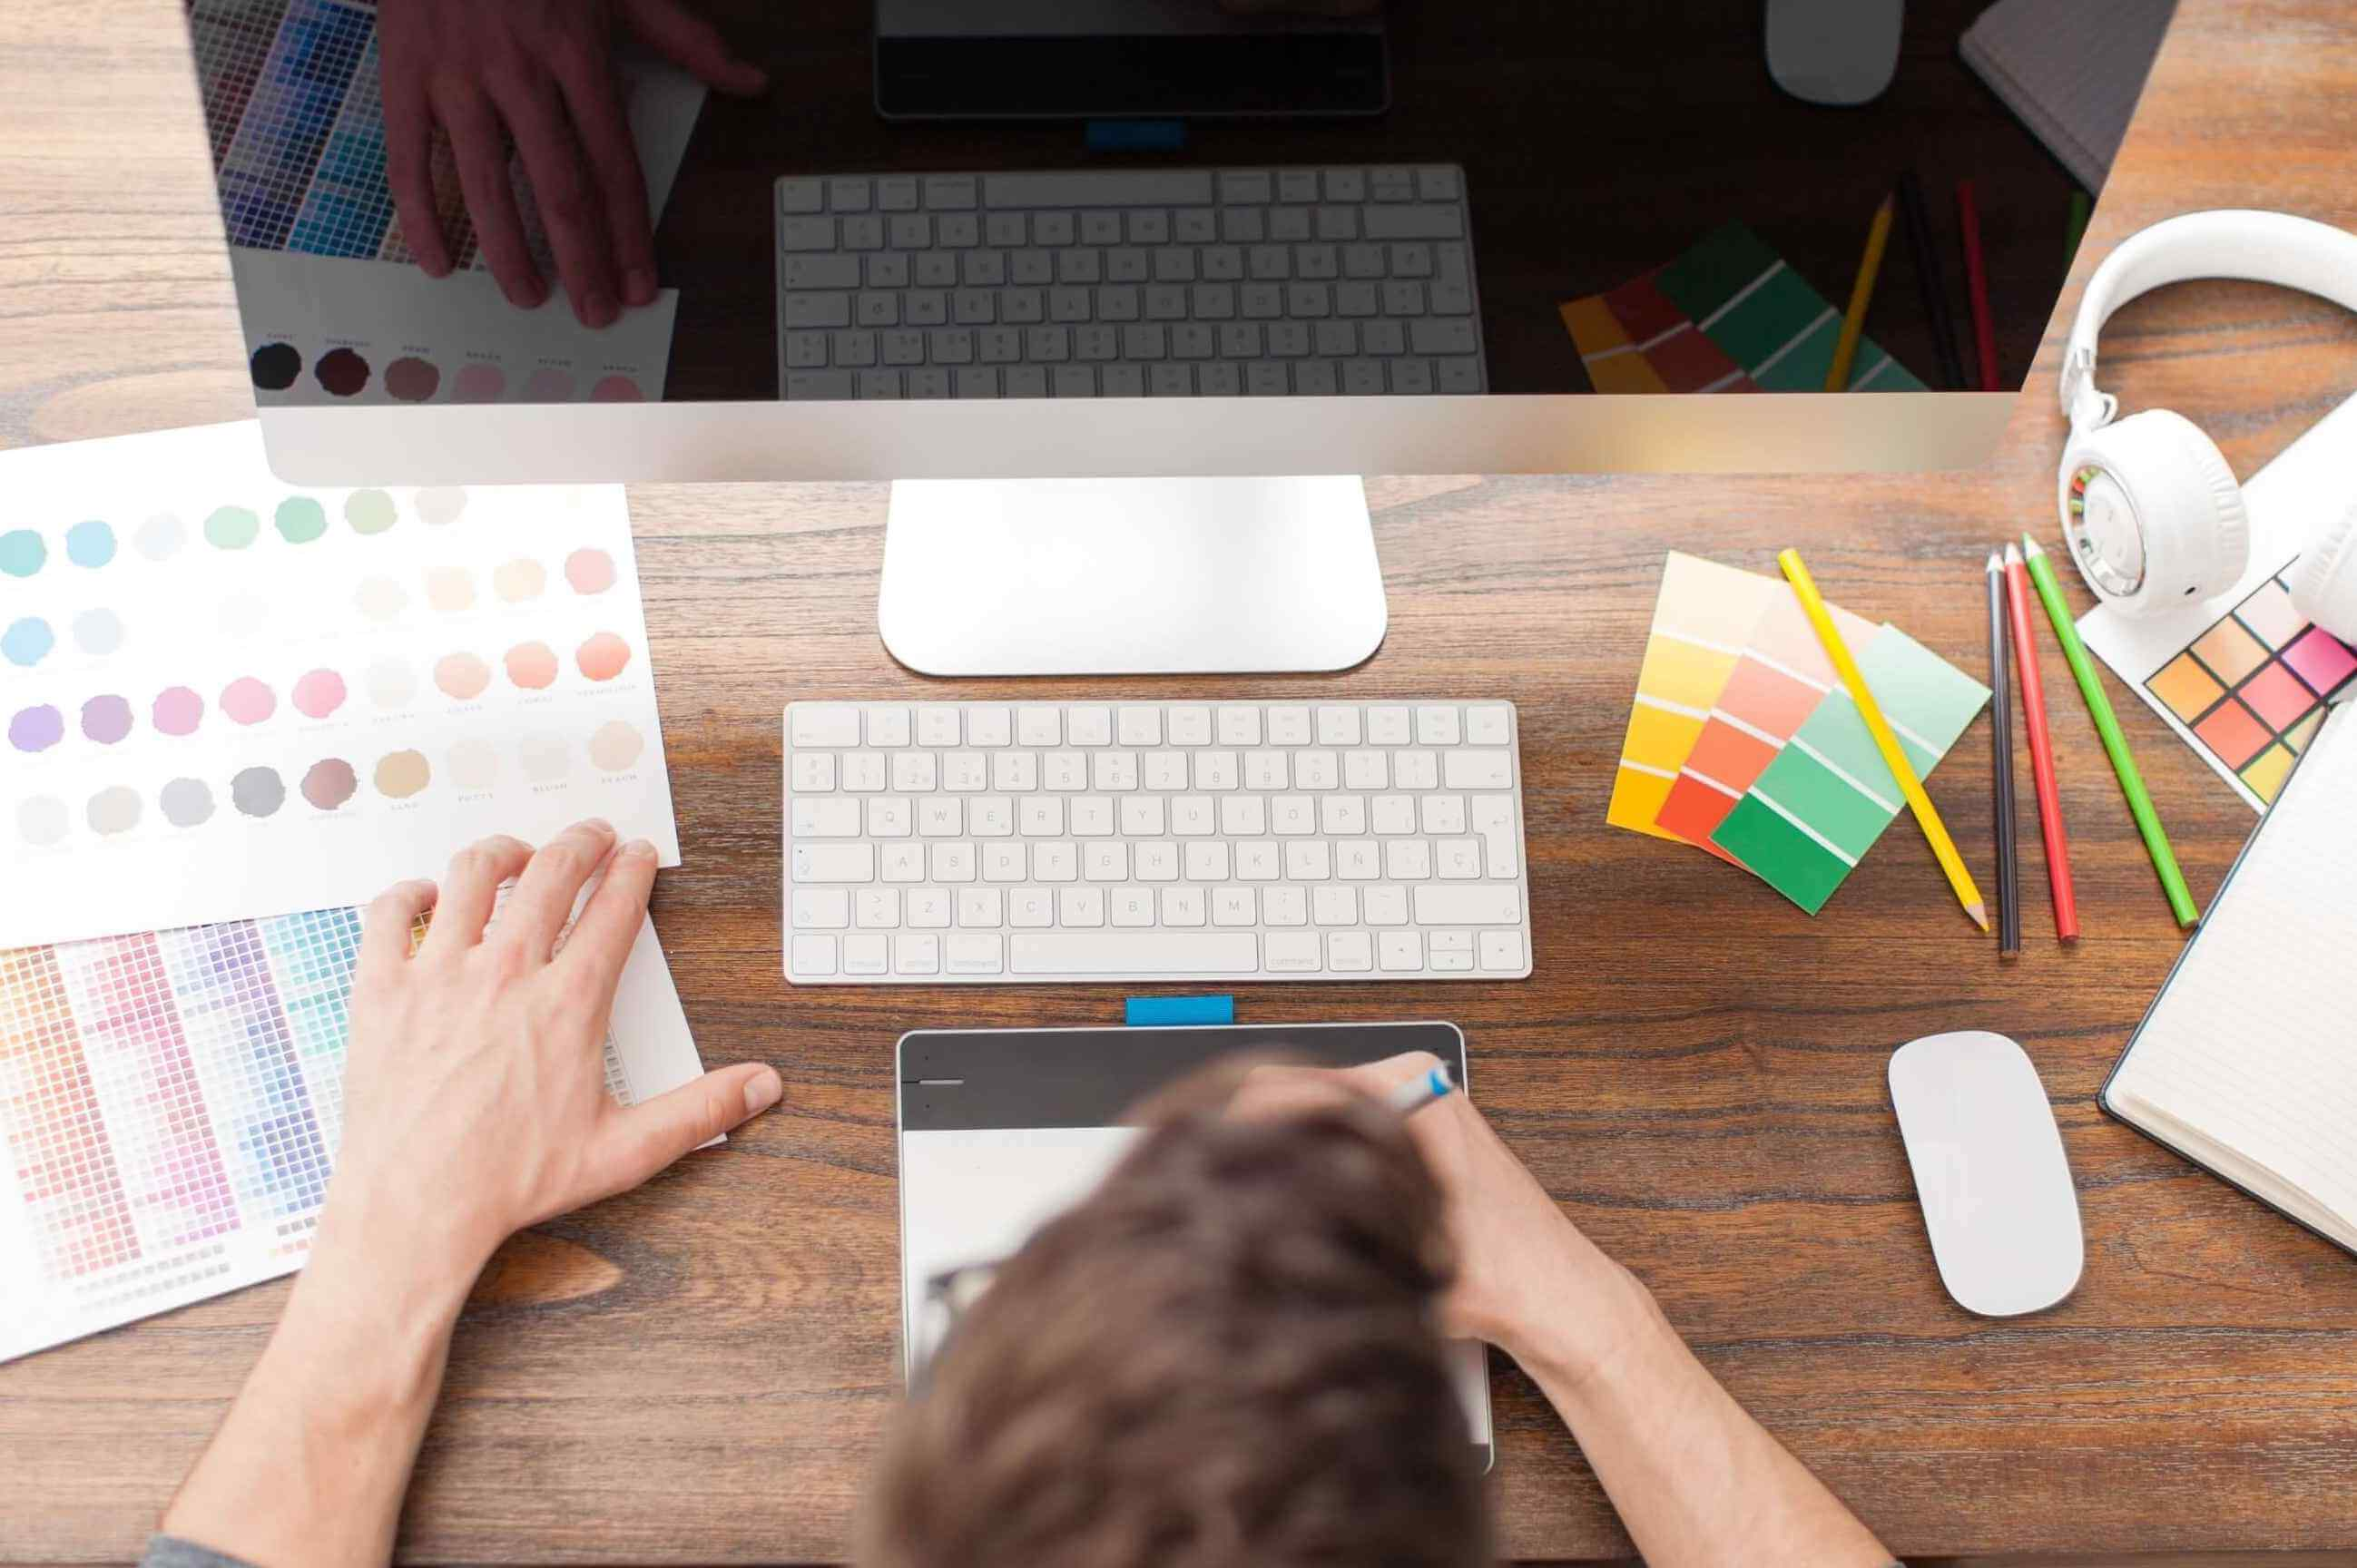 24 plantillas gratis para crear infografías en PowerPoint, Word e Illustrator